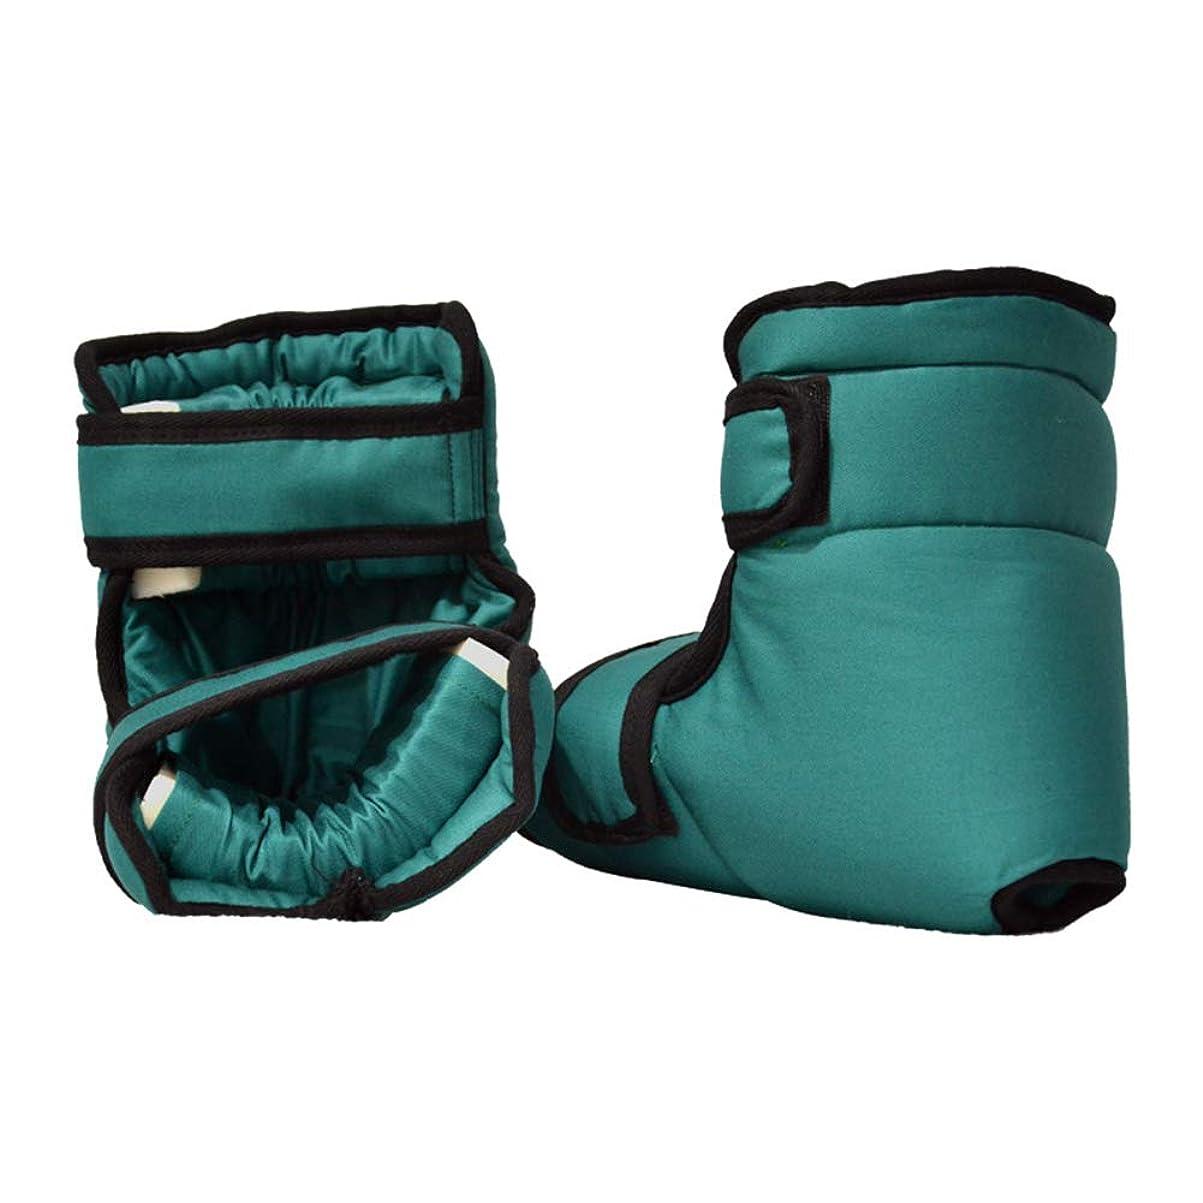 コンパニオンスラムラベルソフト慰めヒールプロテクター枕、足首サポート枕フットプロテクション、1ペア